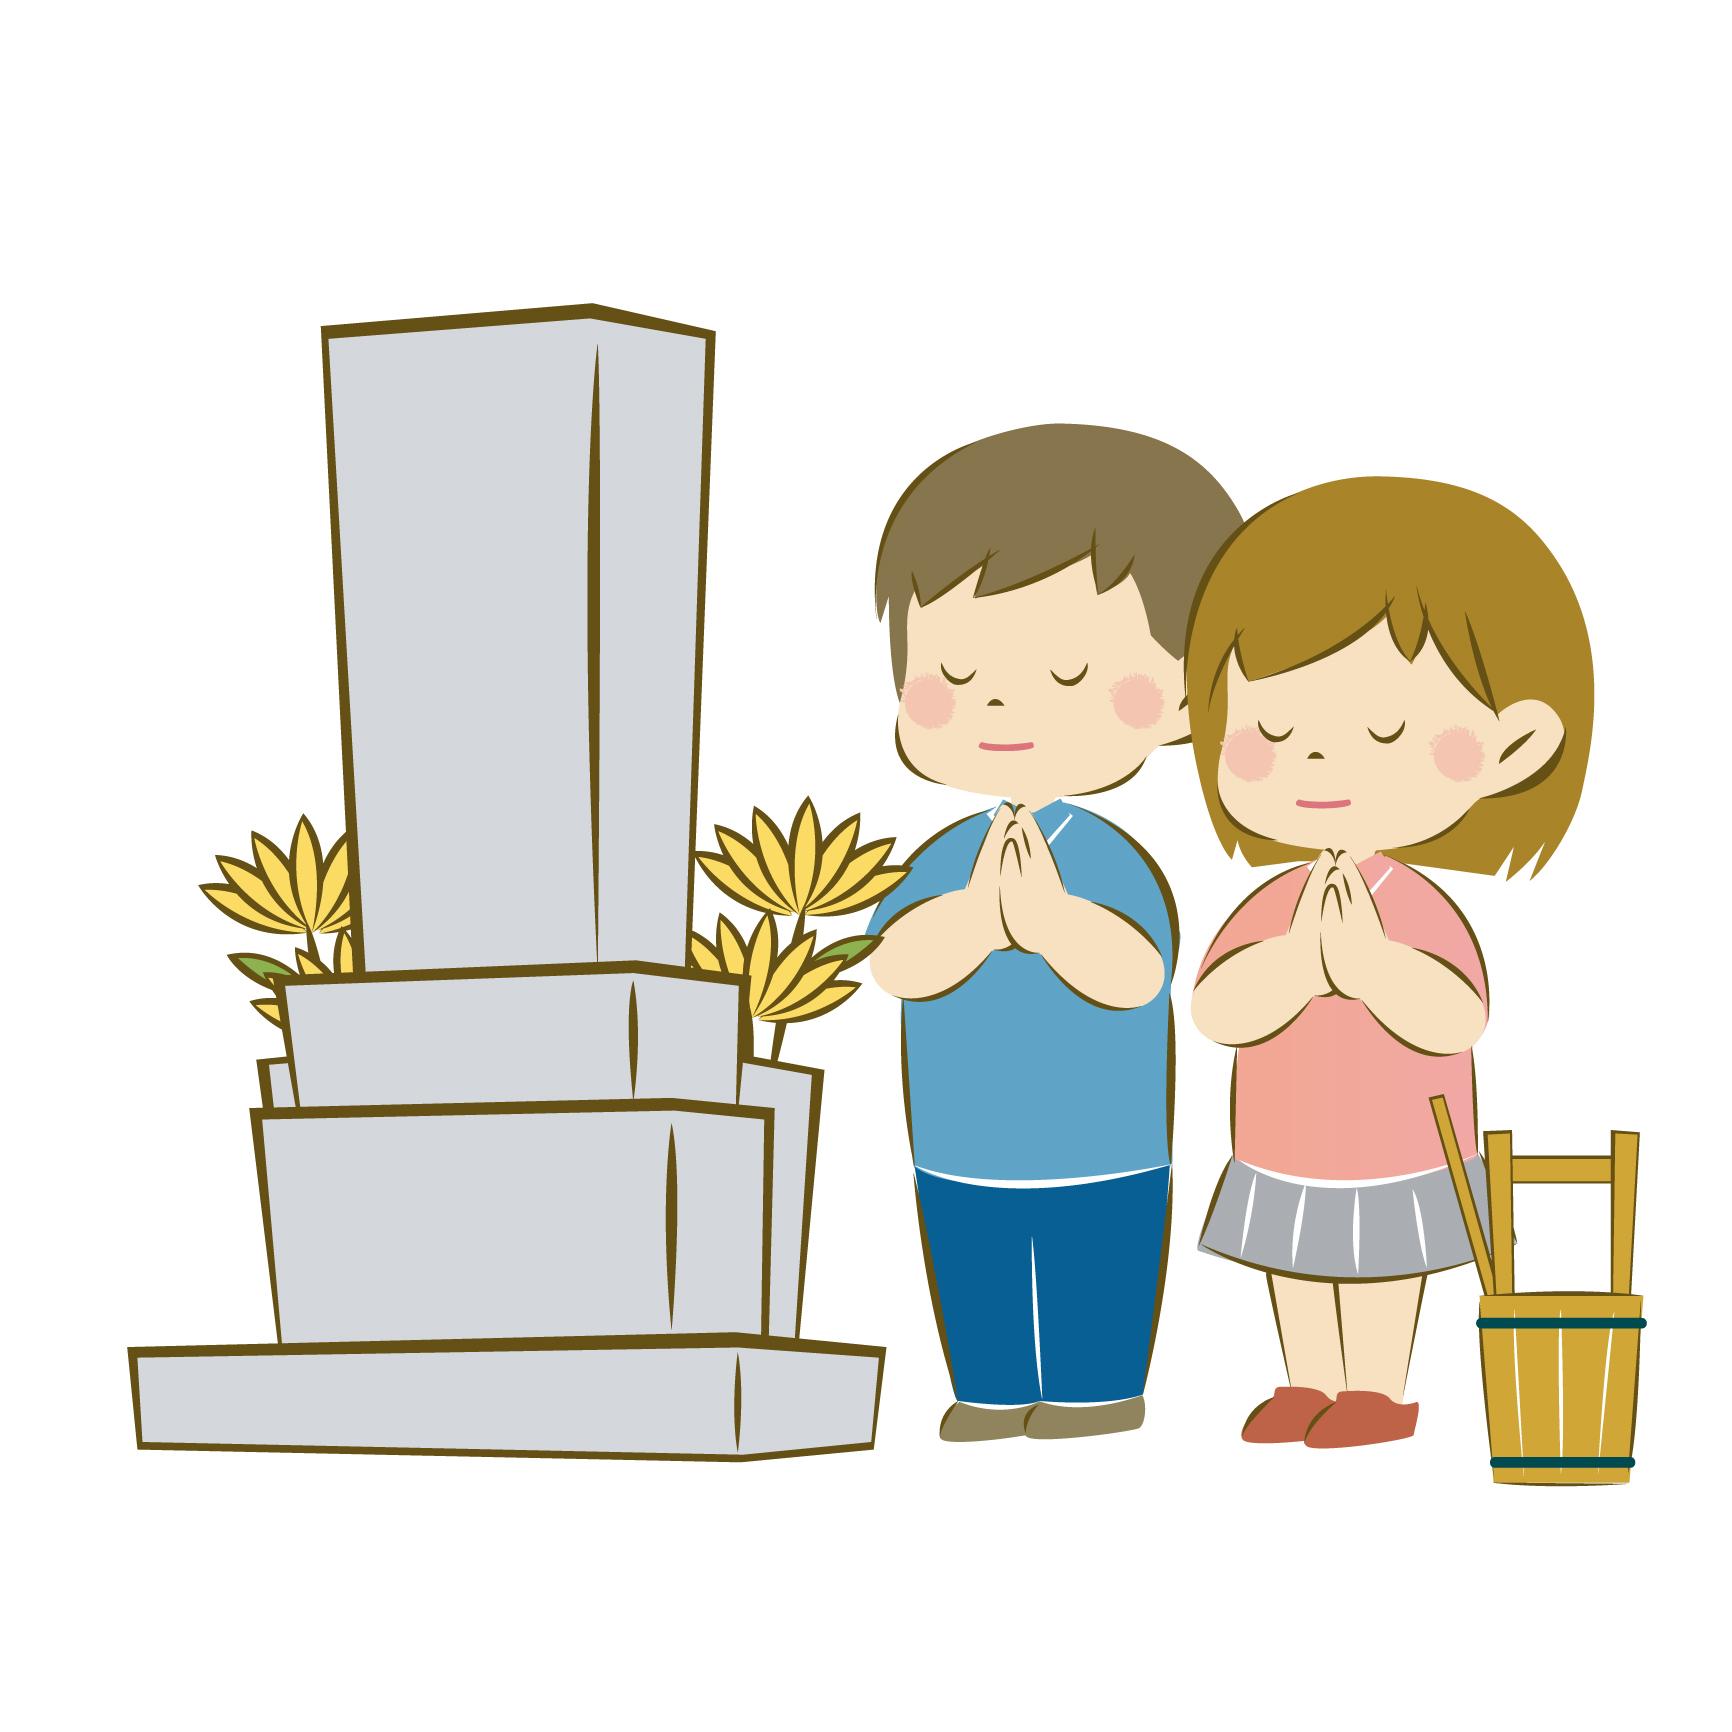 子供のお墓参りイラスト